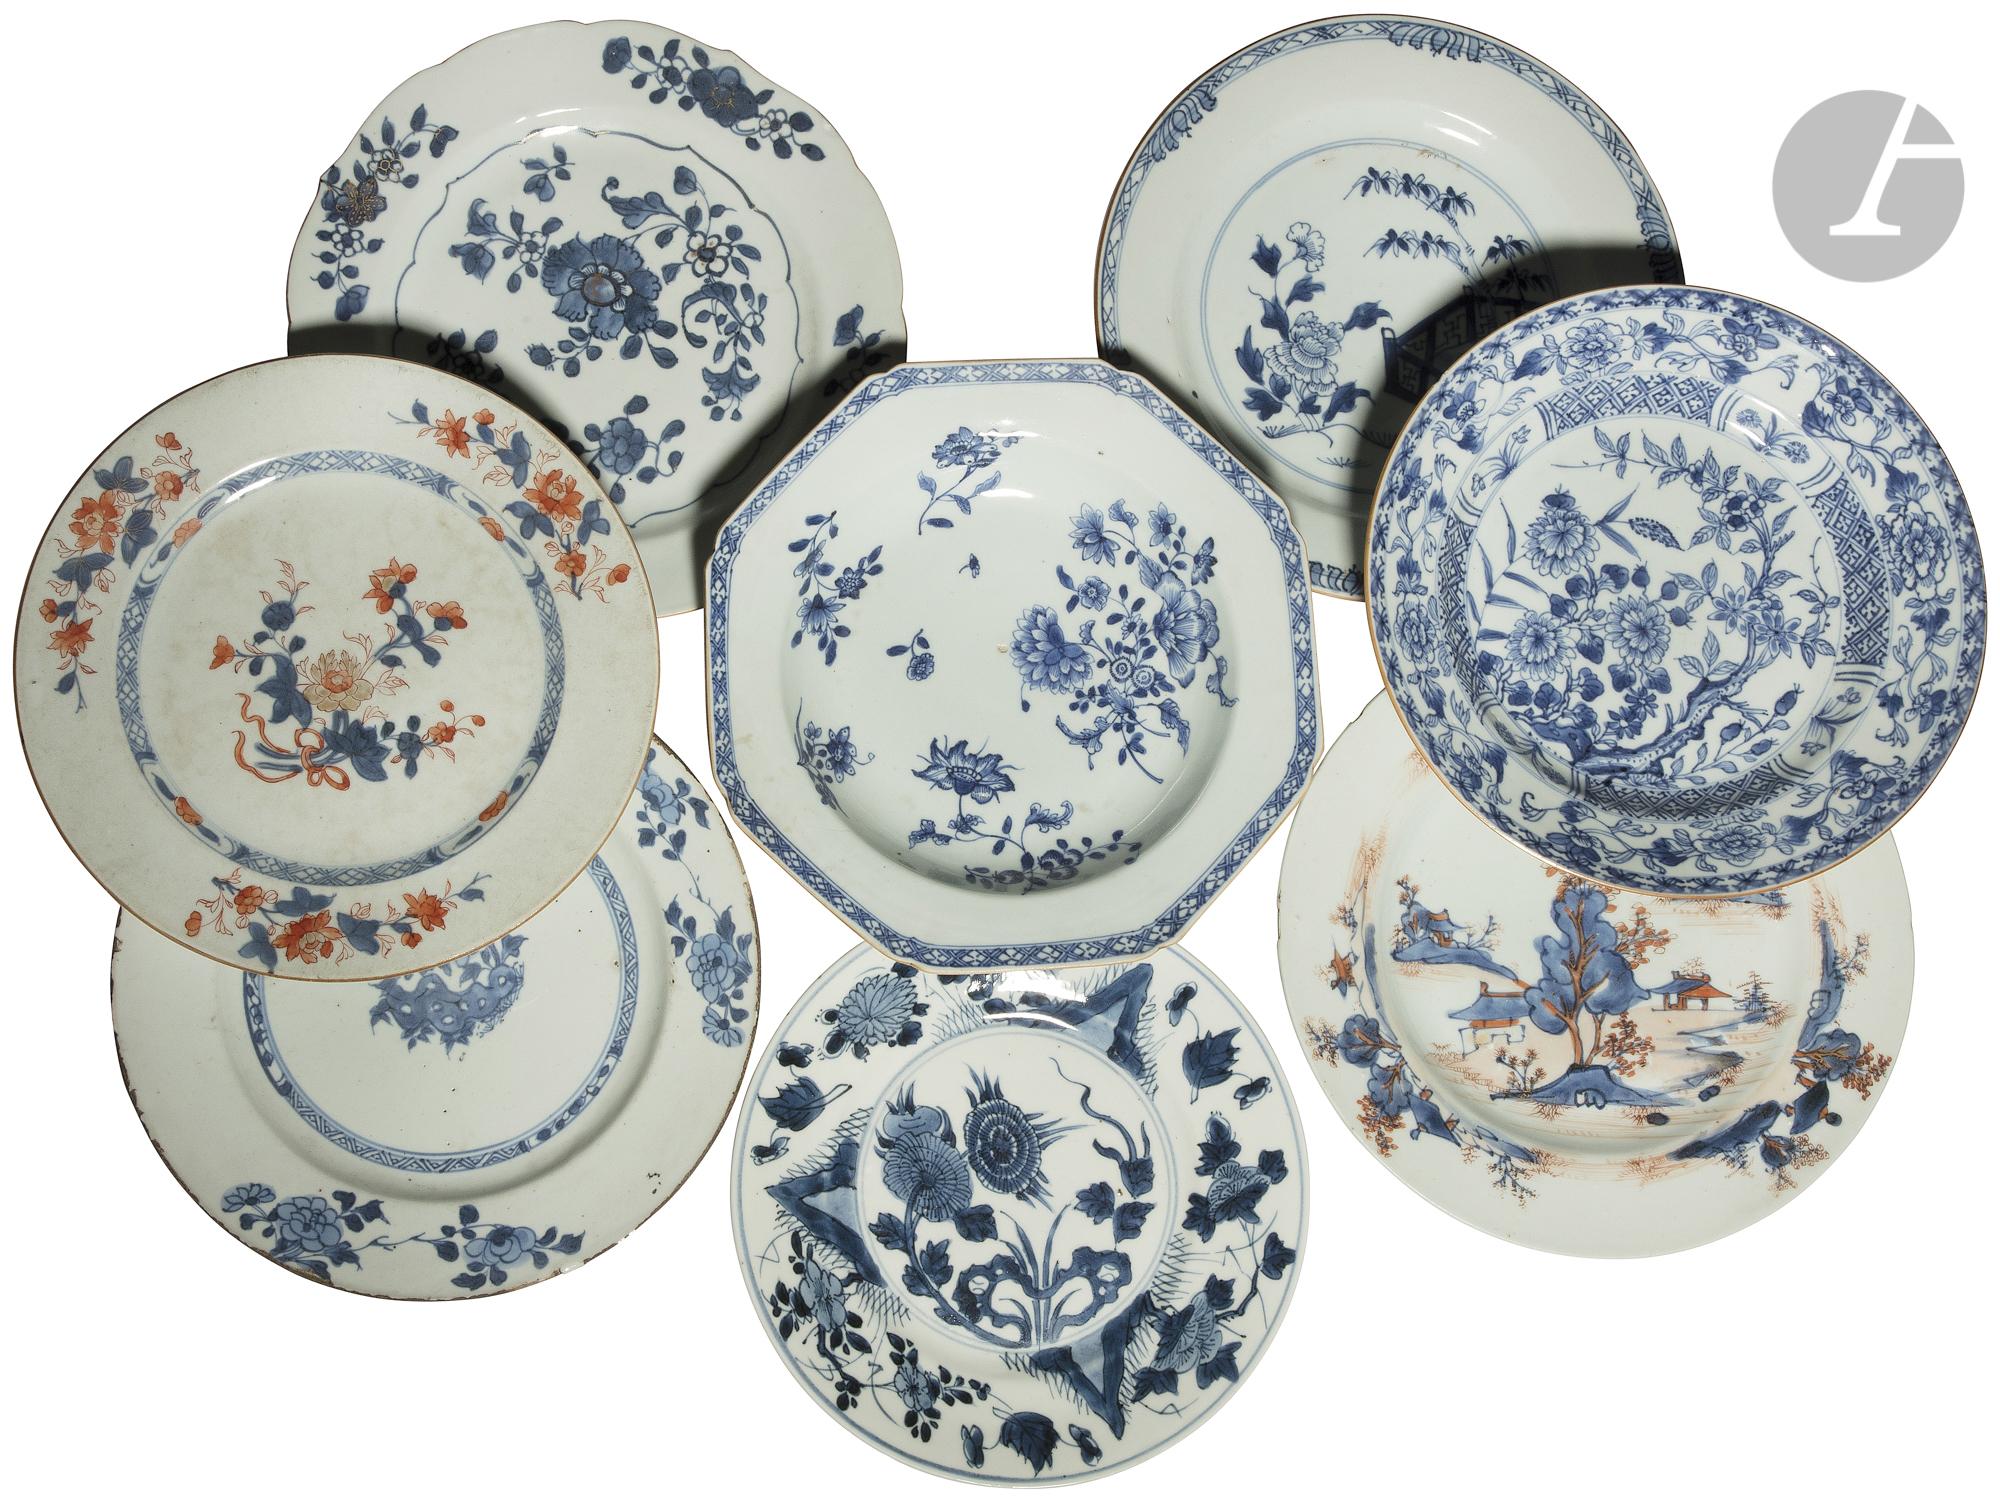 CHINE - XVIIIe siècle Ensemble de huit assiettes en porcelaine dont deux creuses et quatre plates